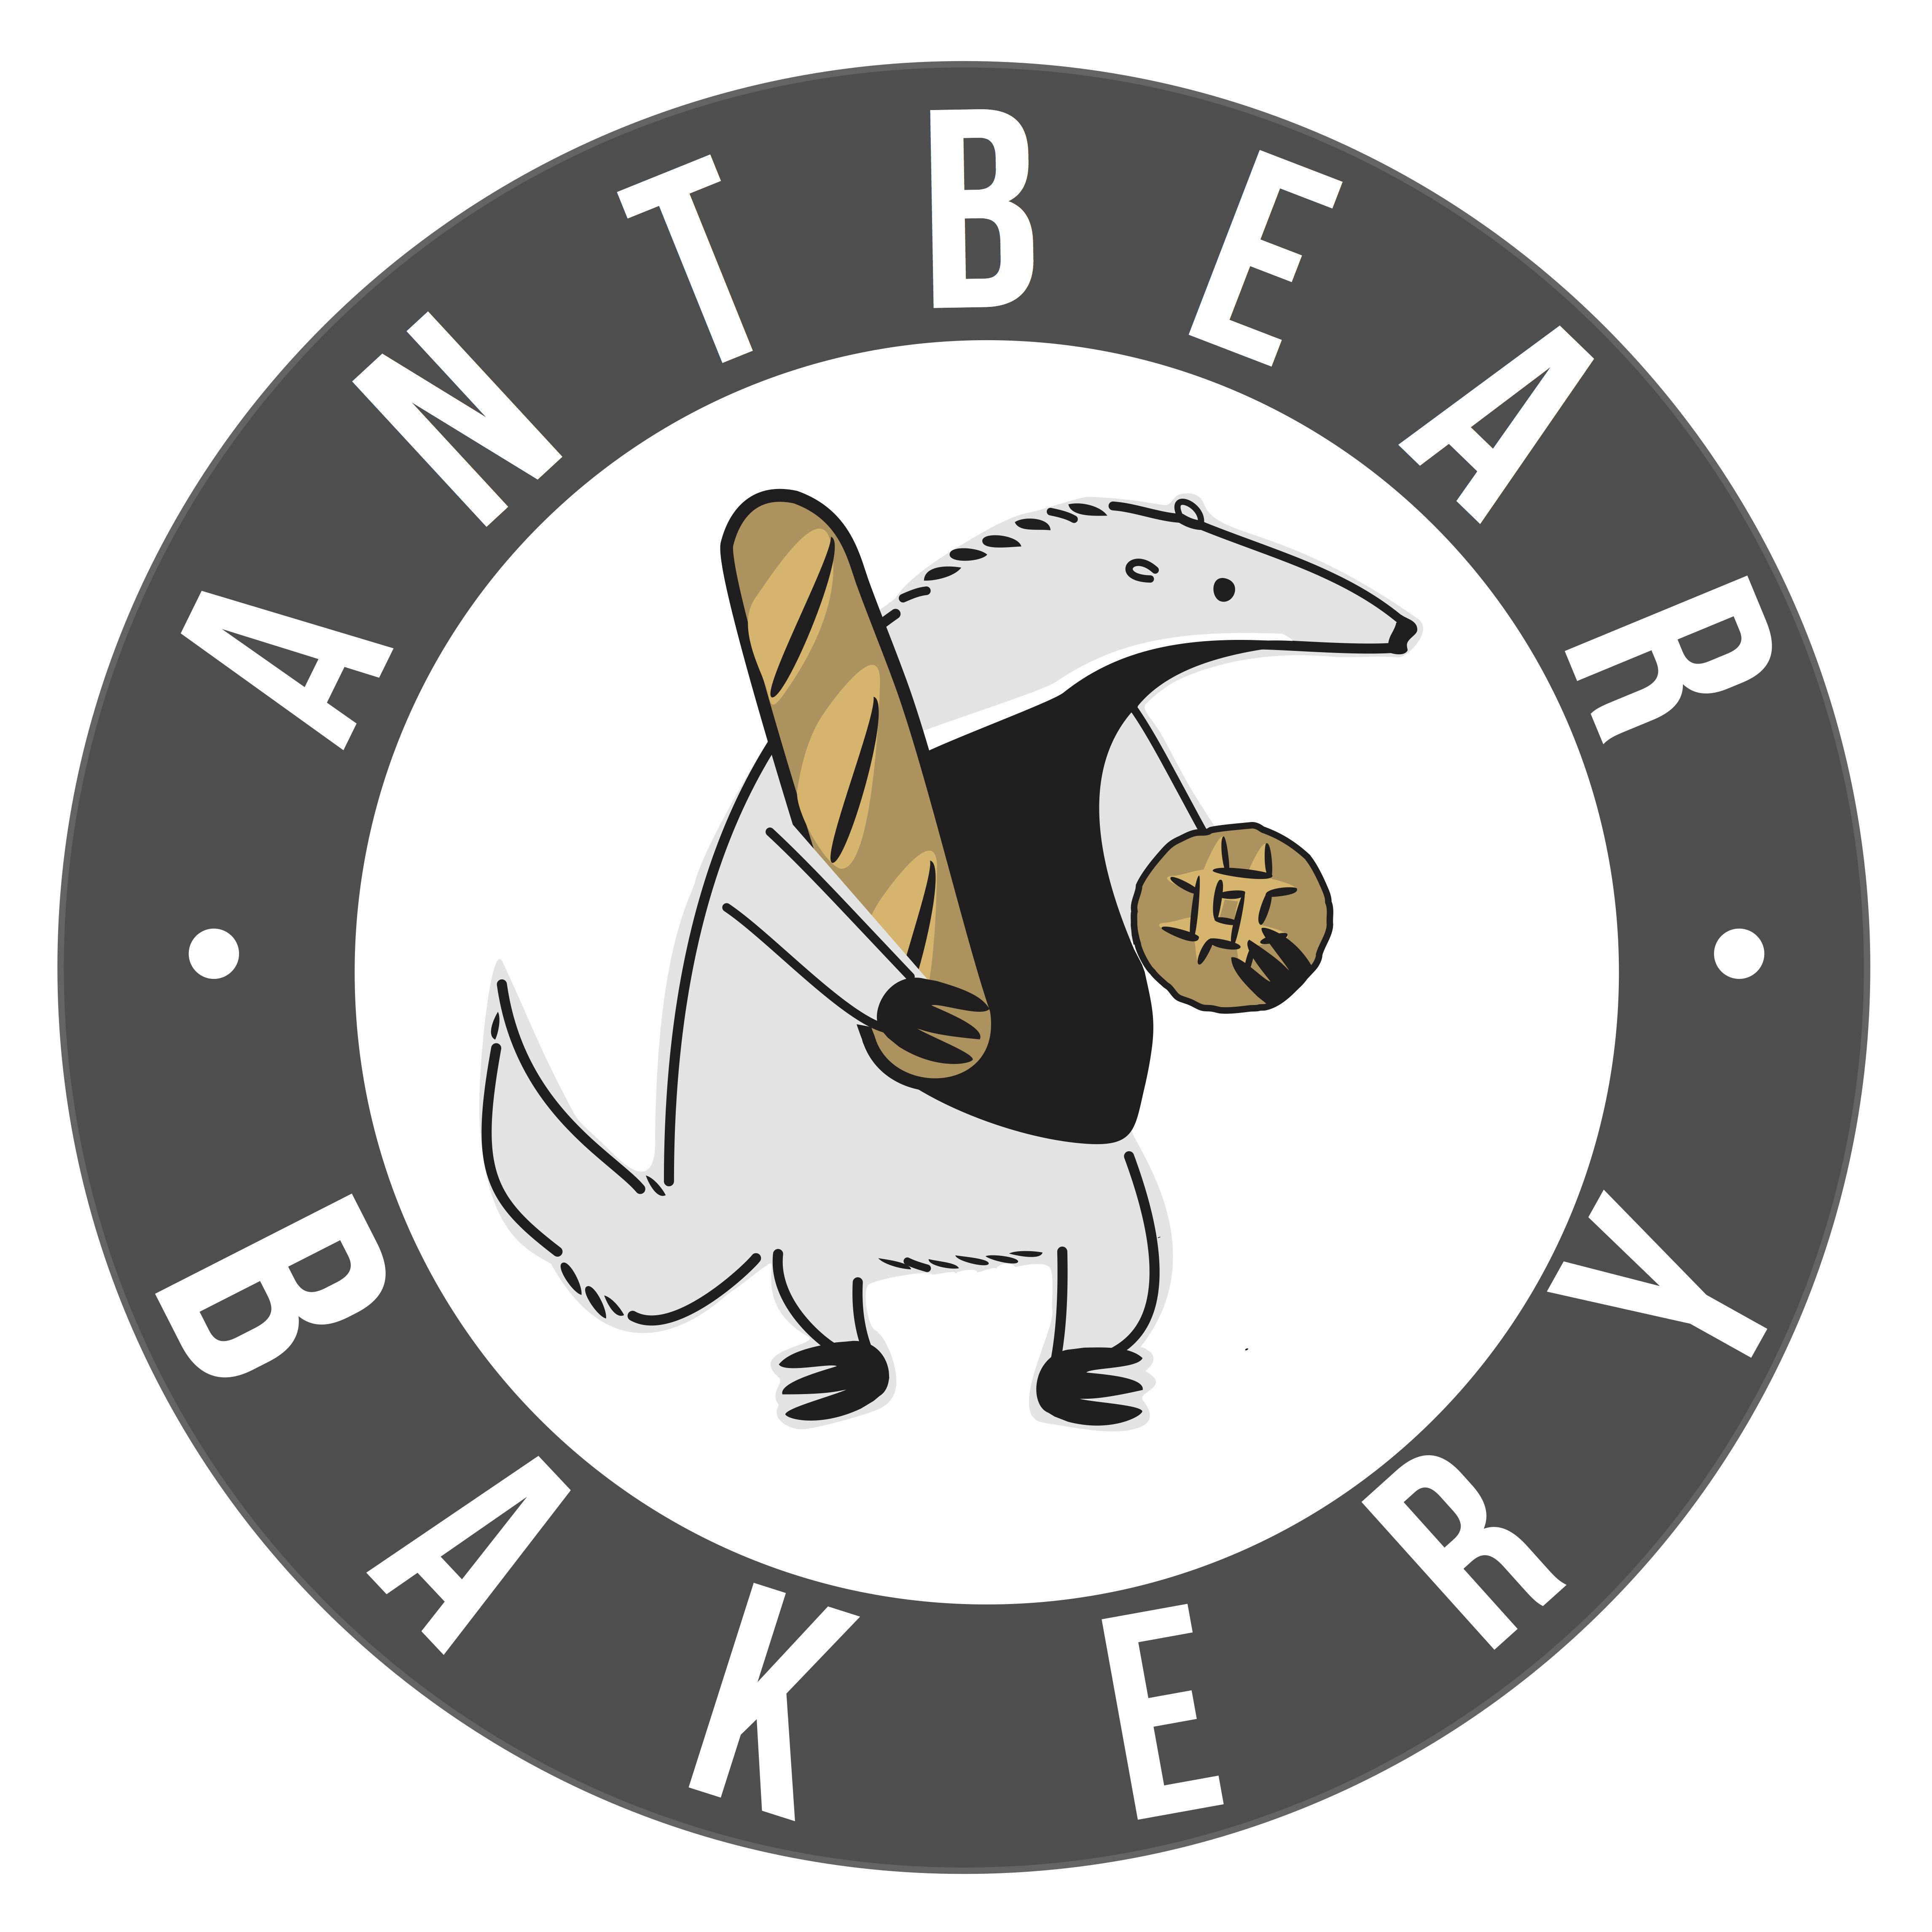 Antbear Bakery